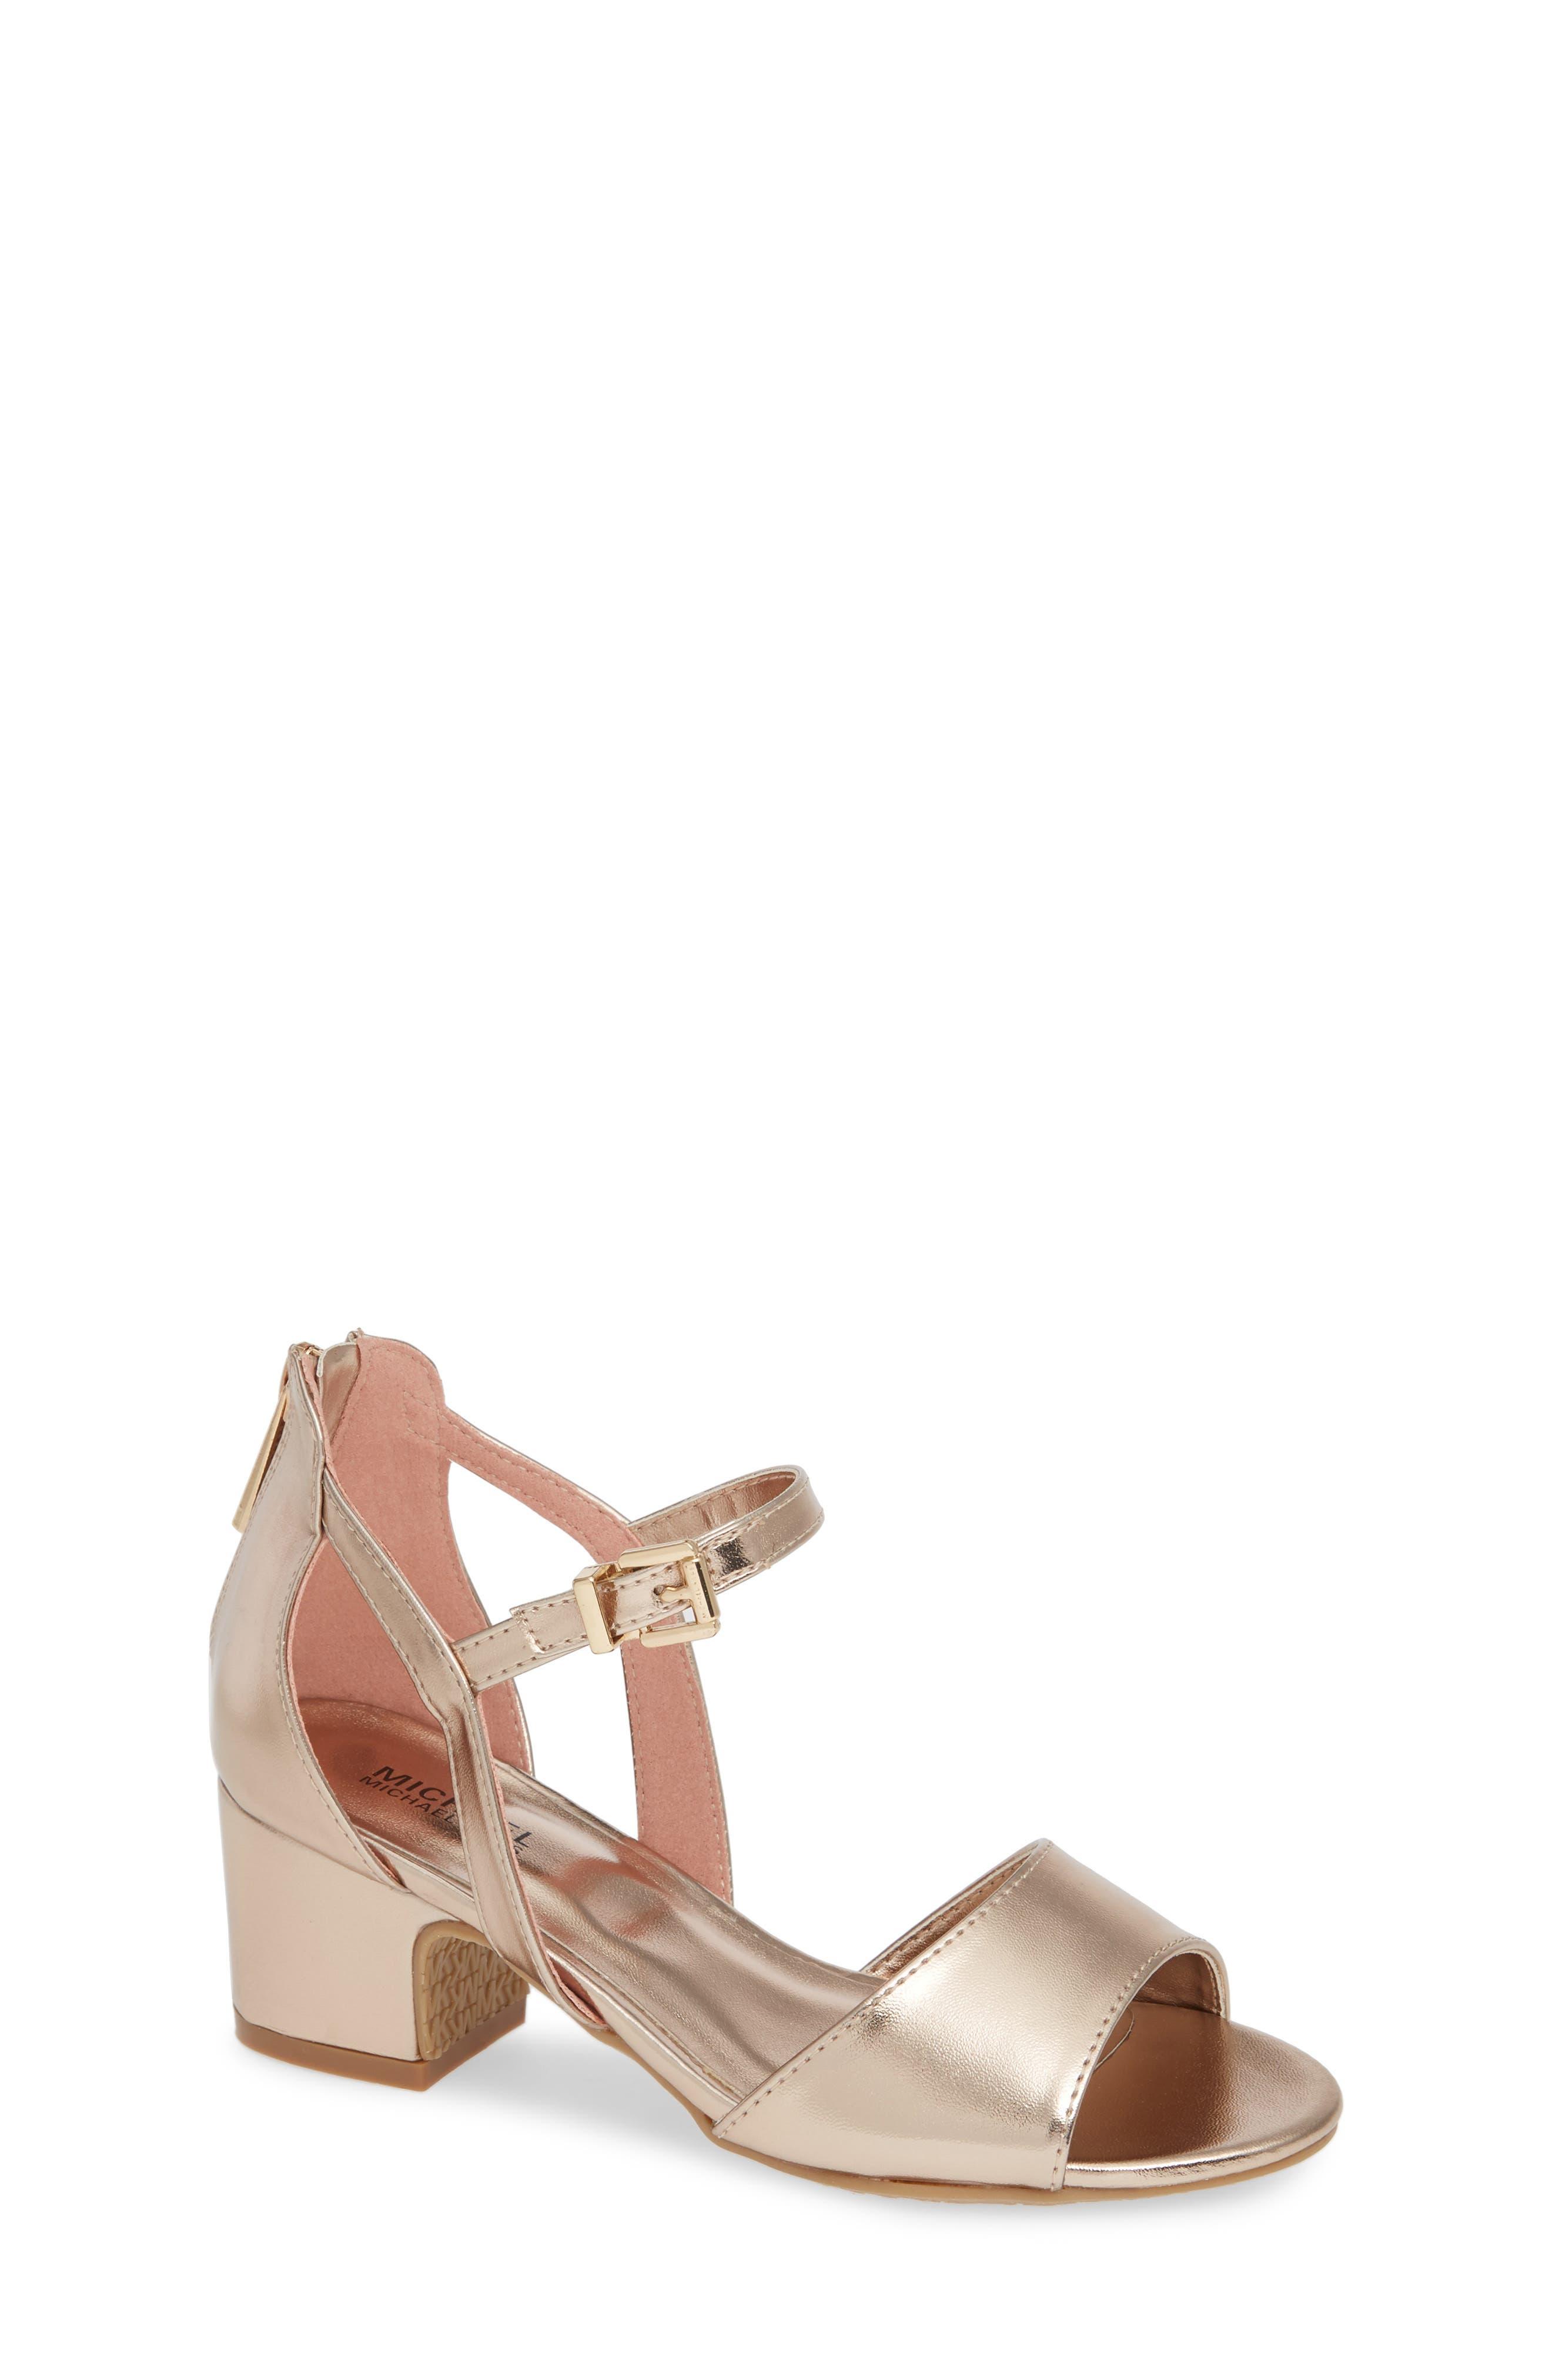 MICHAEL MICHAEL KORS Gemini Jones Sandal, Main, color, ROSE GOLD